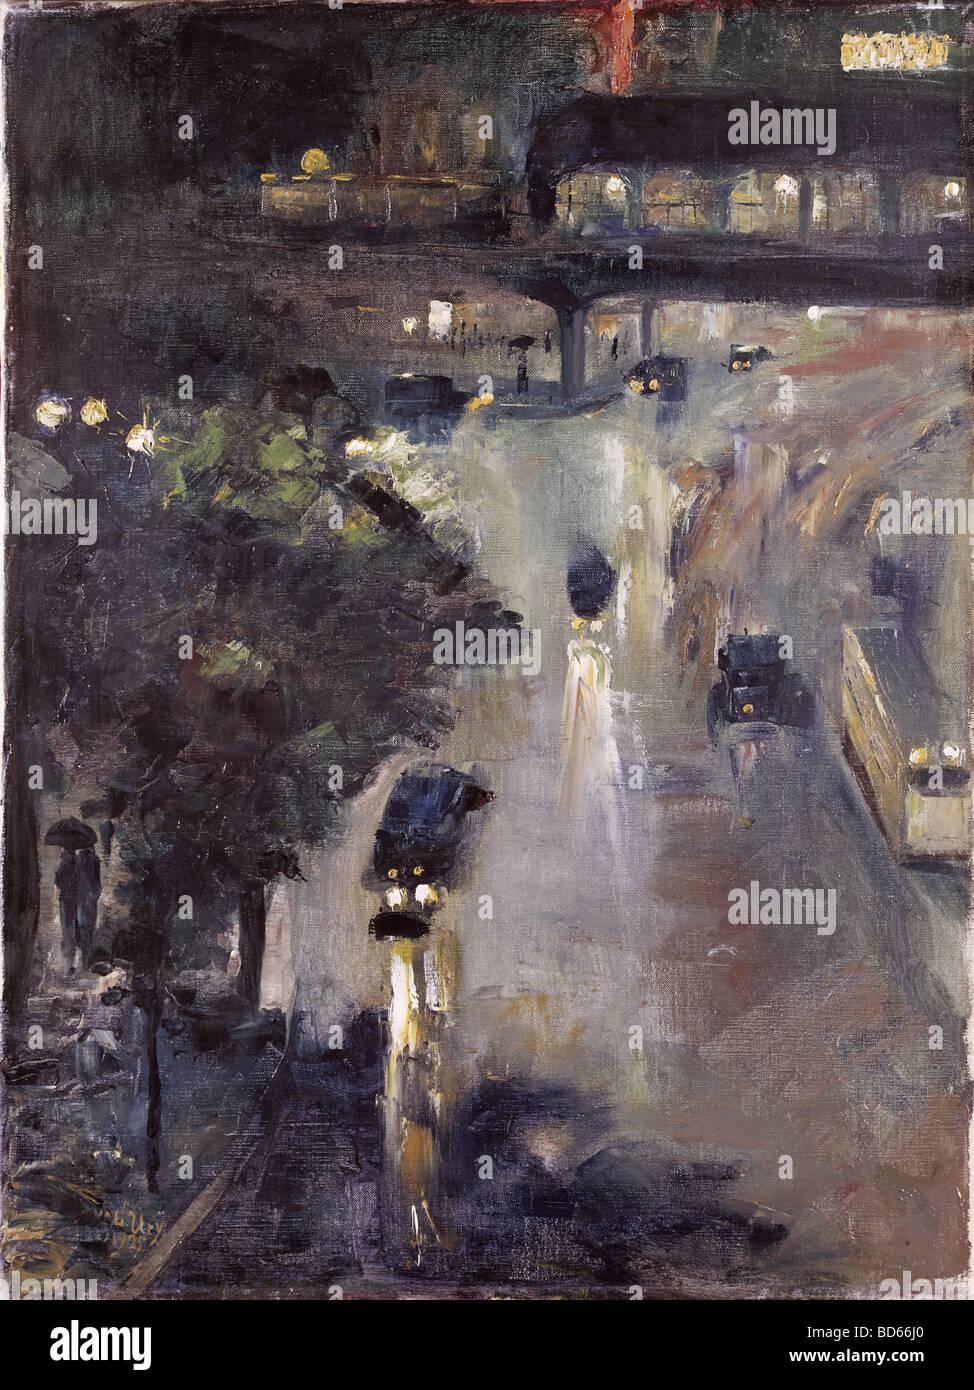 """bildenden Künste, Ury, Lesser (1861-1931), Malerei """"Nollendorfplatz in der Nacht"""", Öl auf Leinwand, Stockbild"""